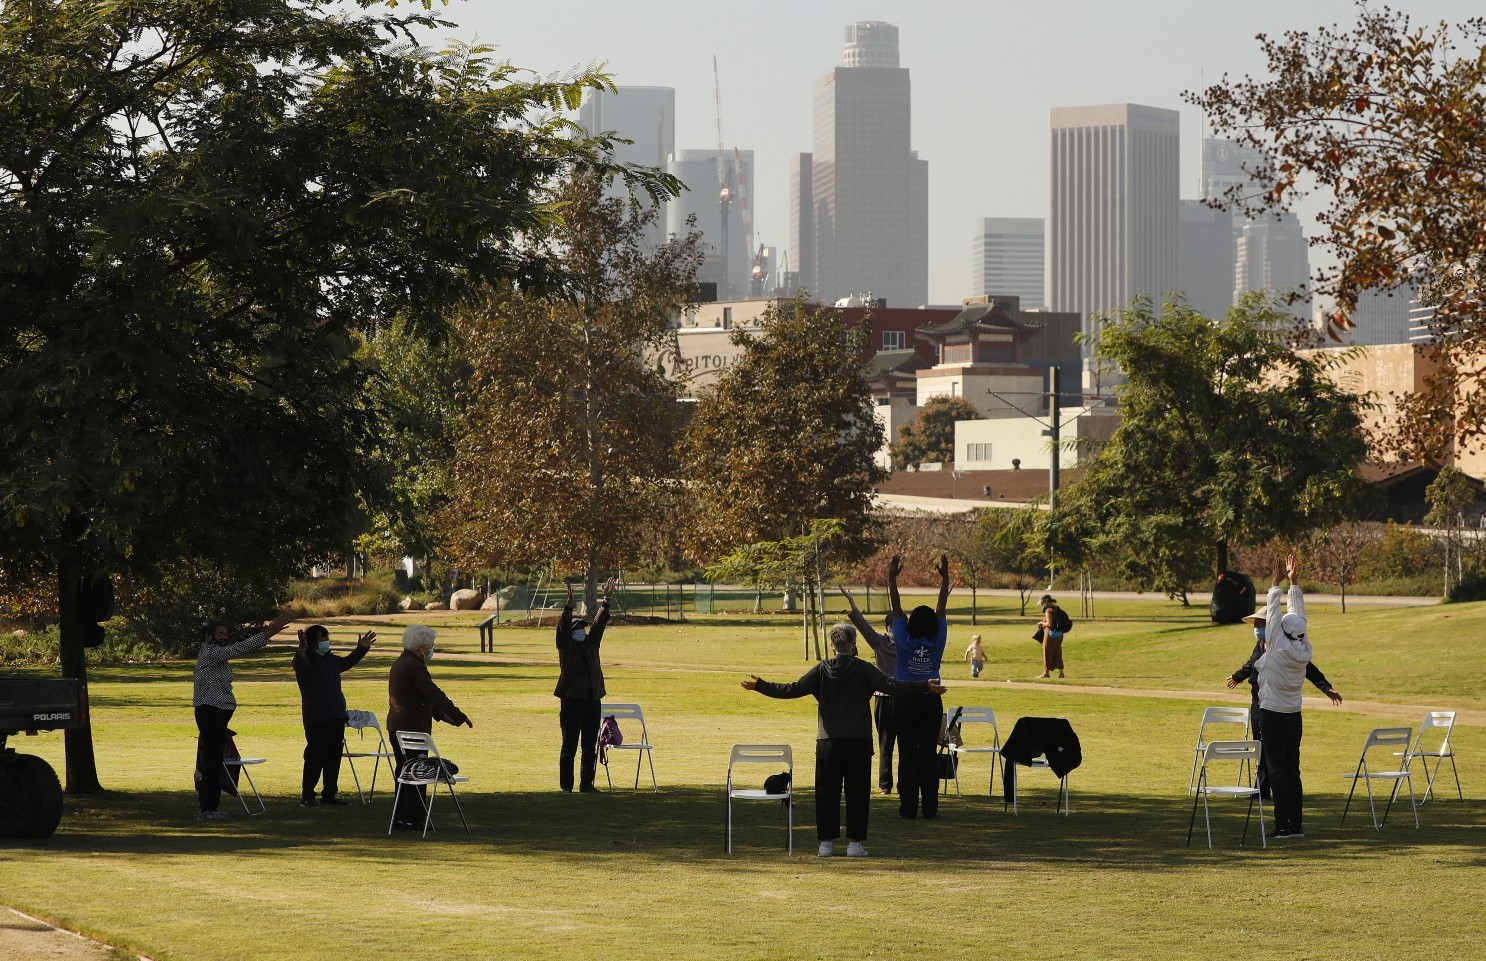 洛市康樂與公園局轄下多座公園將在暑假期間提供未成年學子免費午餐。洛杉磯時報